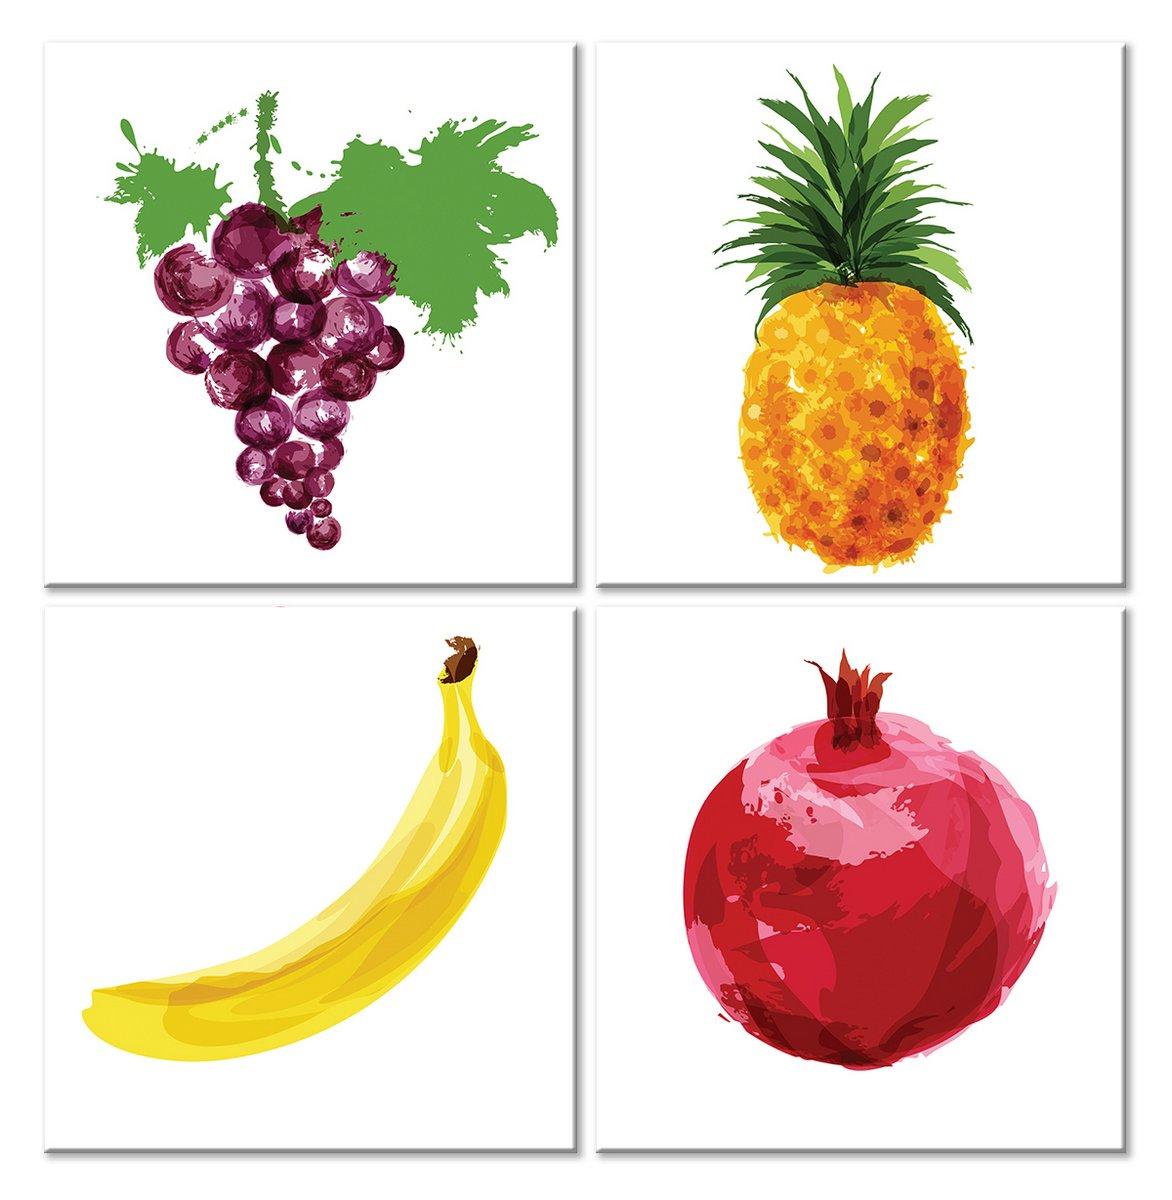 Модульная картина «Сочные плоды», 50x51 см, модульная картина от Artwall